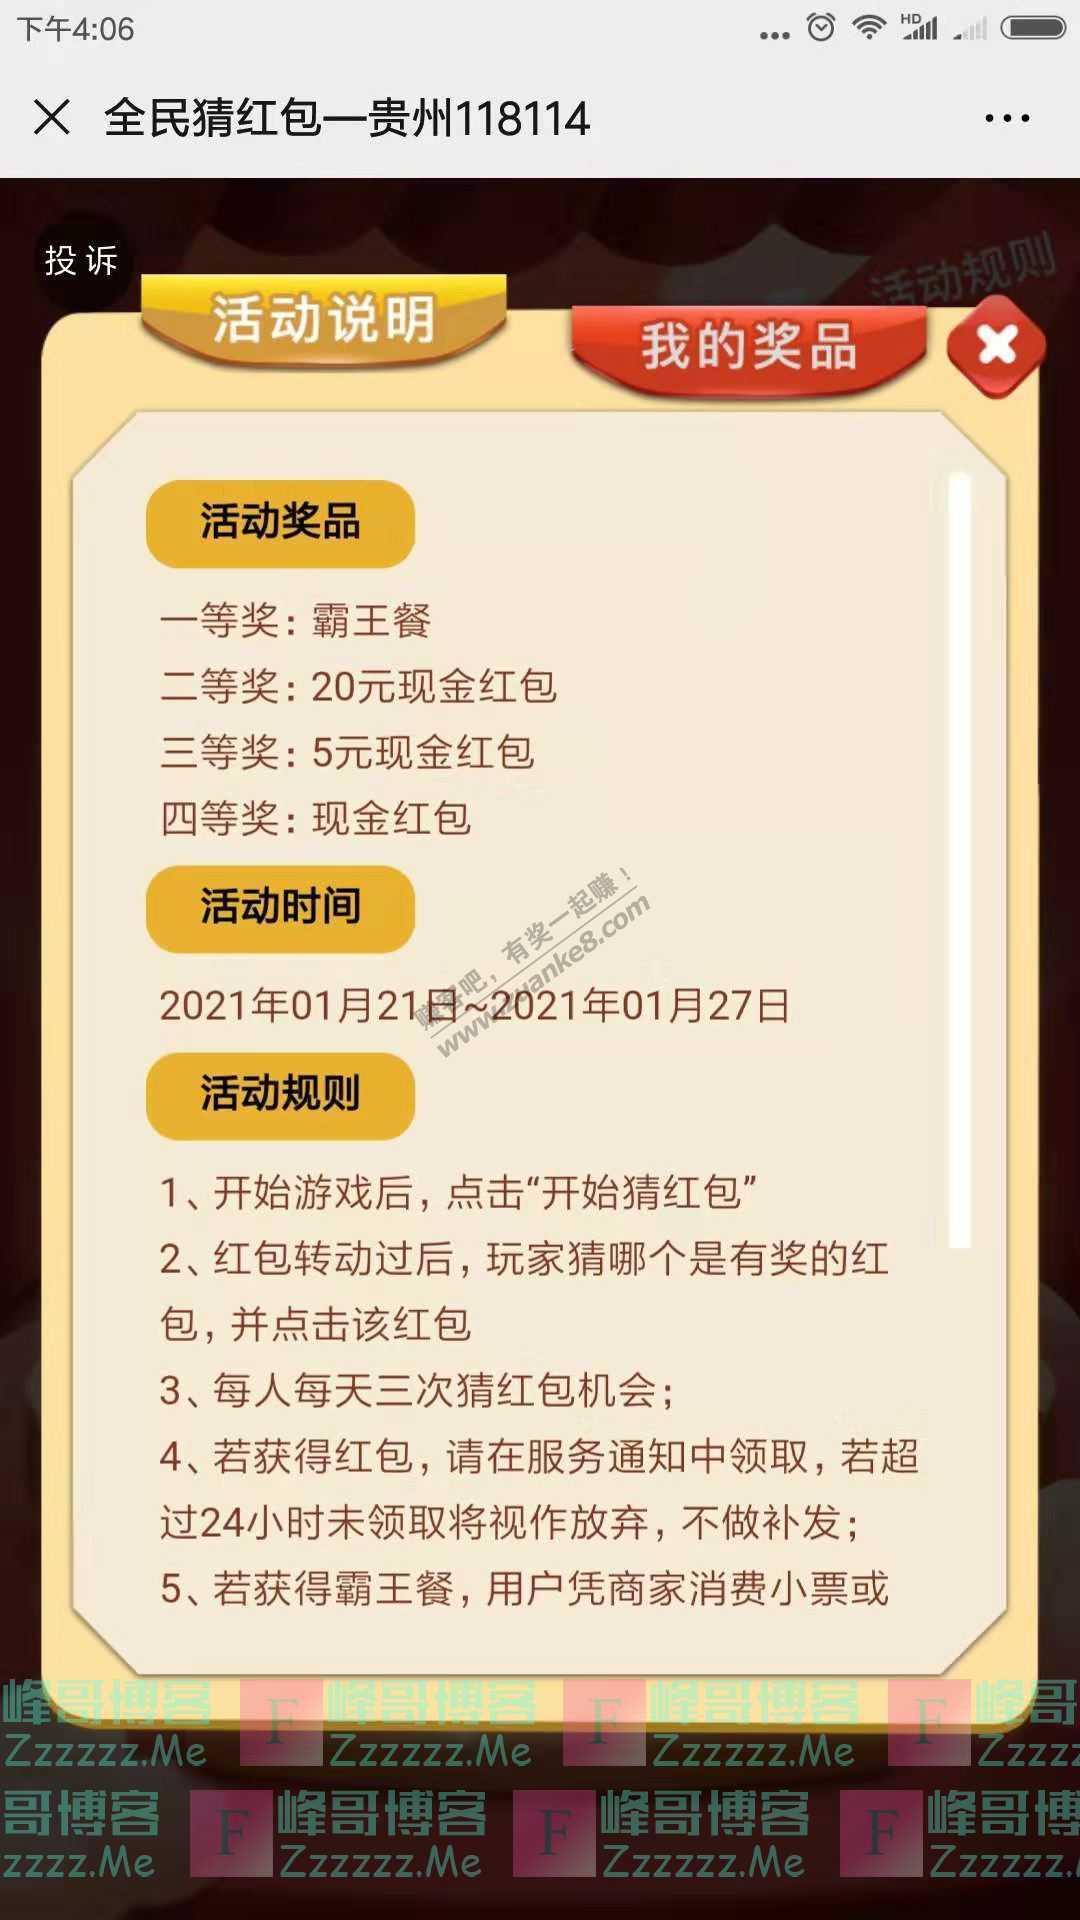 贵州118114【来电有礼】霸王餐+现金红包即将来袭(截止1月27日)